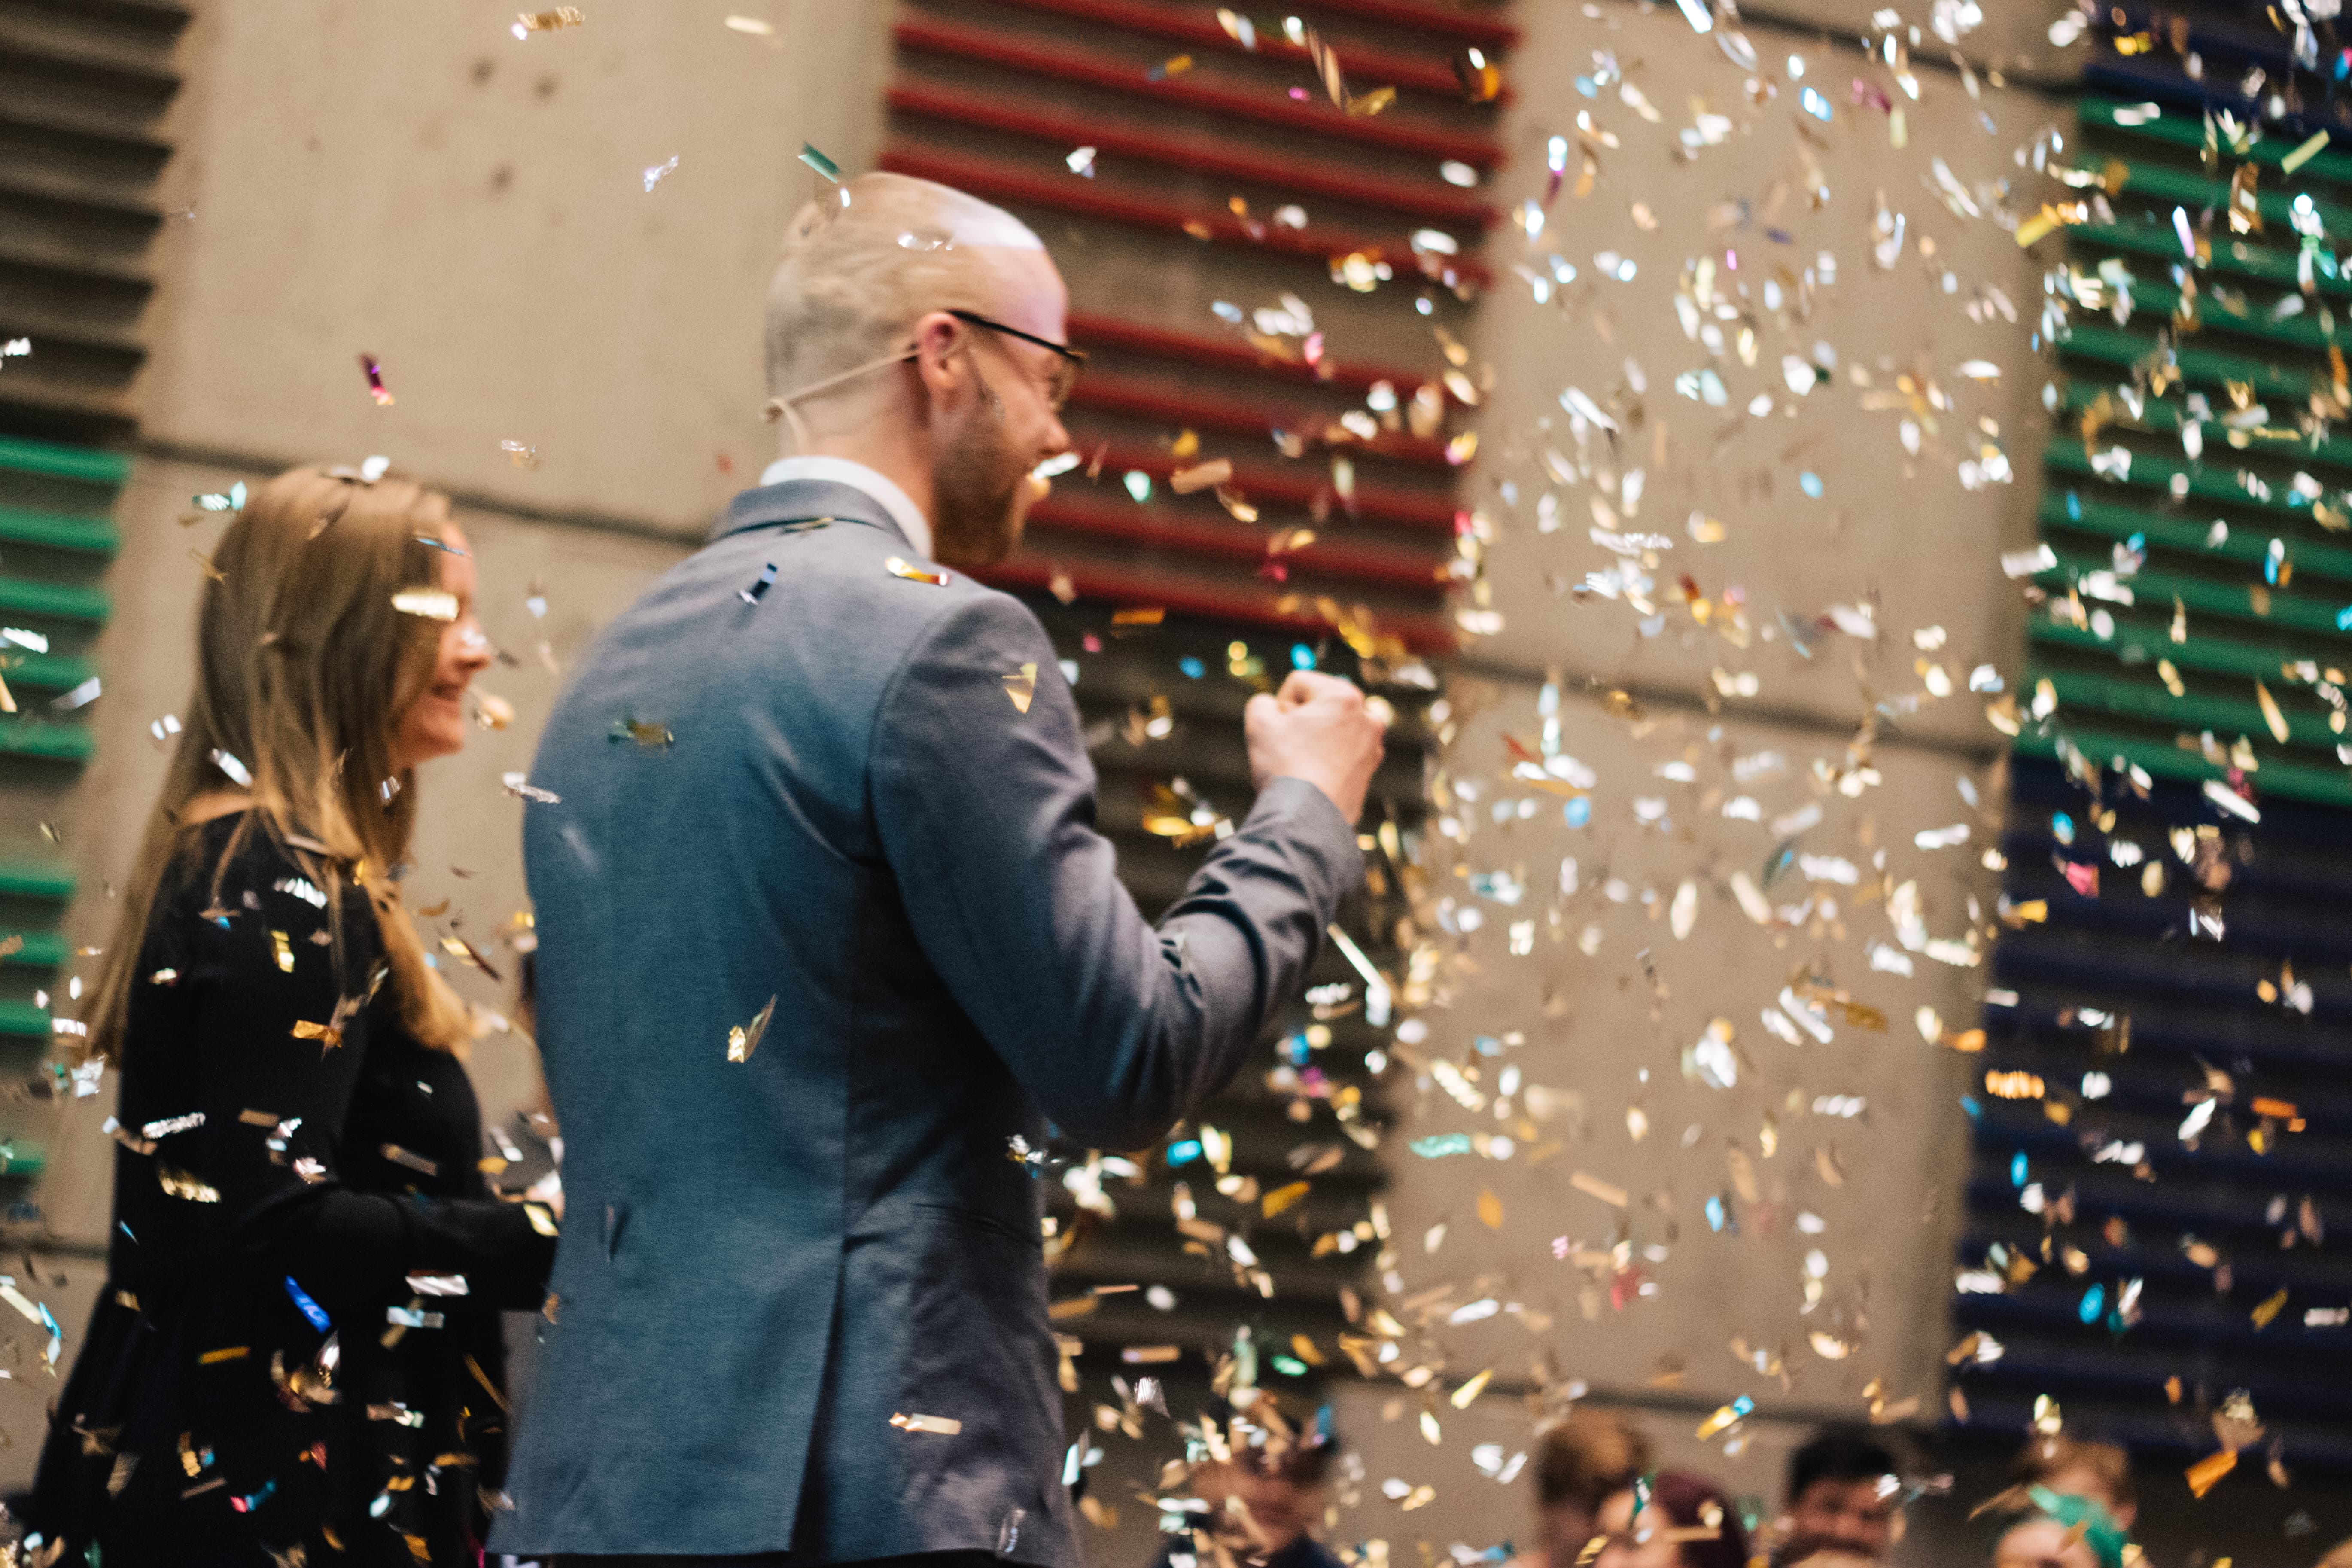 Genlüd Awards afviser mistanke om nepotisme